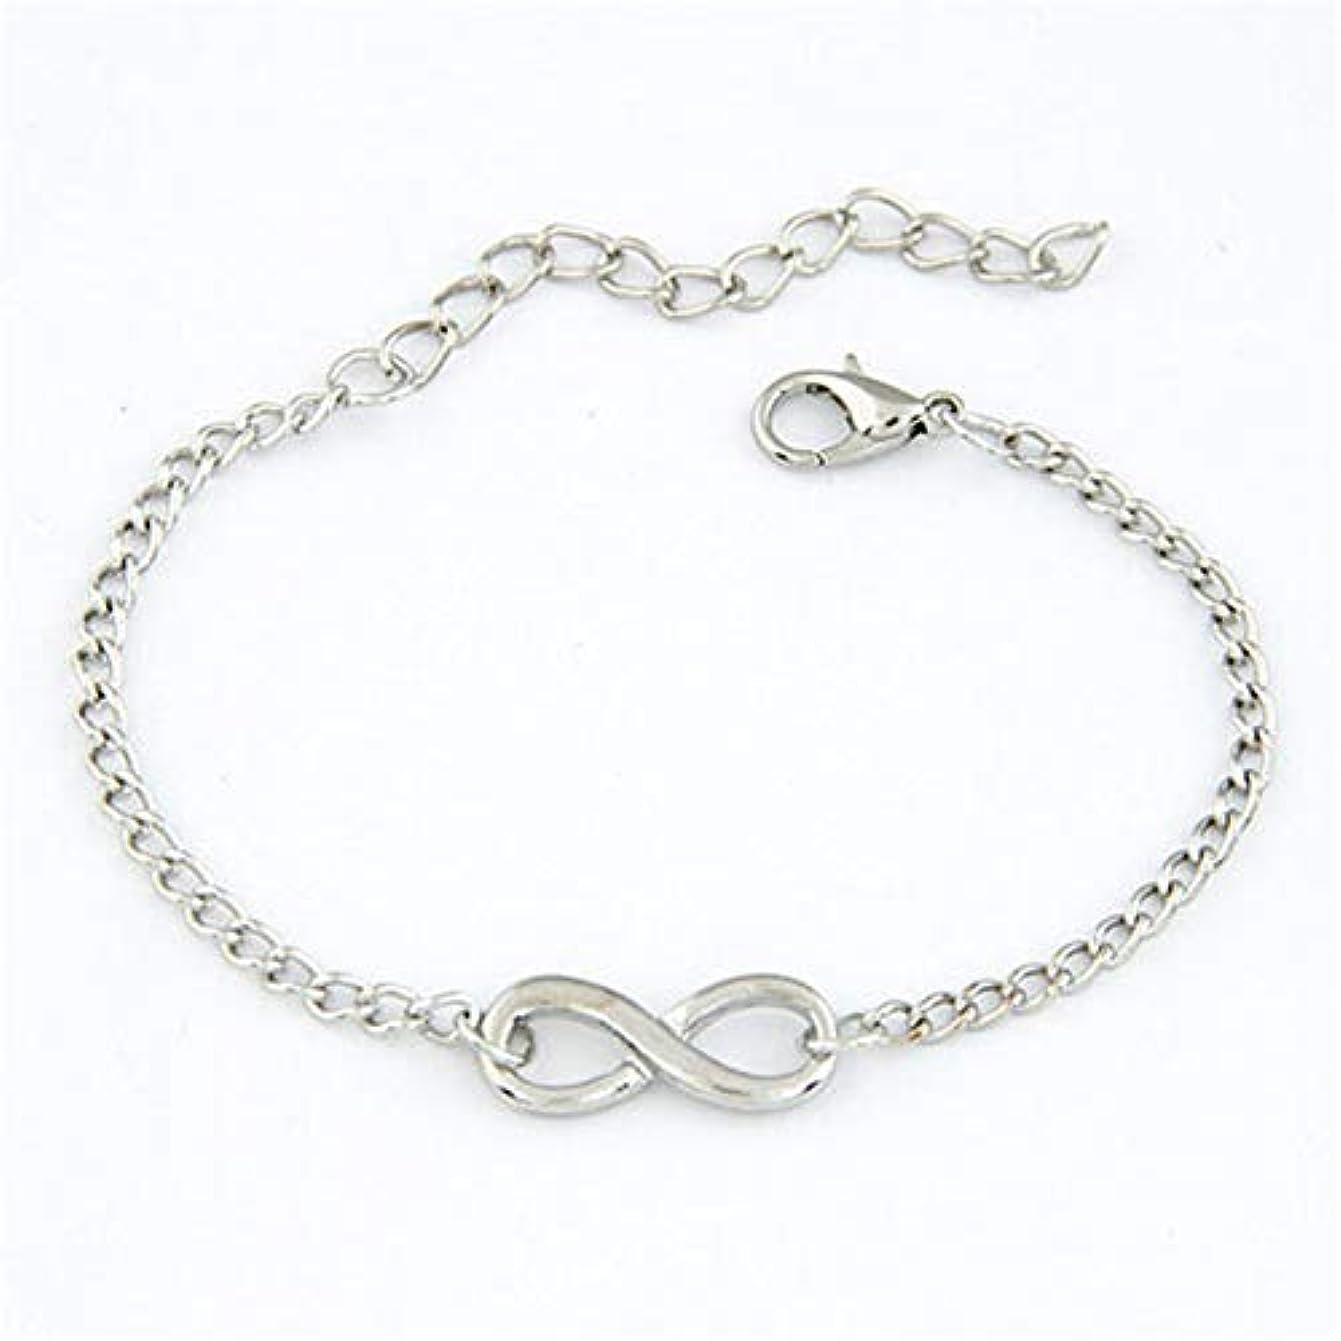 上くま料理ネックレス 鎖骨ネックレスファッションヴィンテージインフィニティラッキー8ペンダントネックレス用女性ウェディングコラルネックレスジュエリー